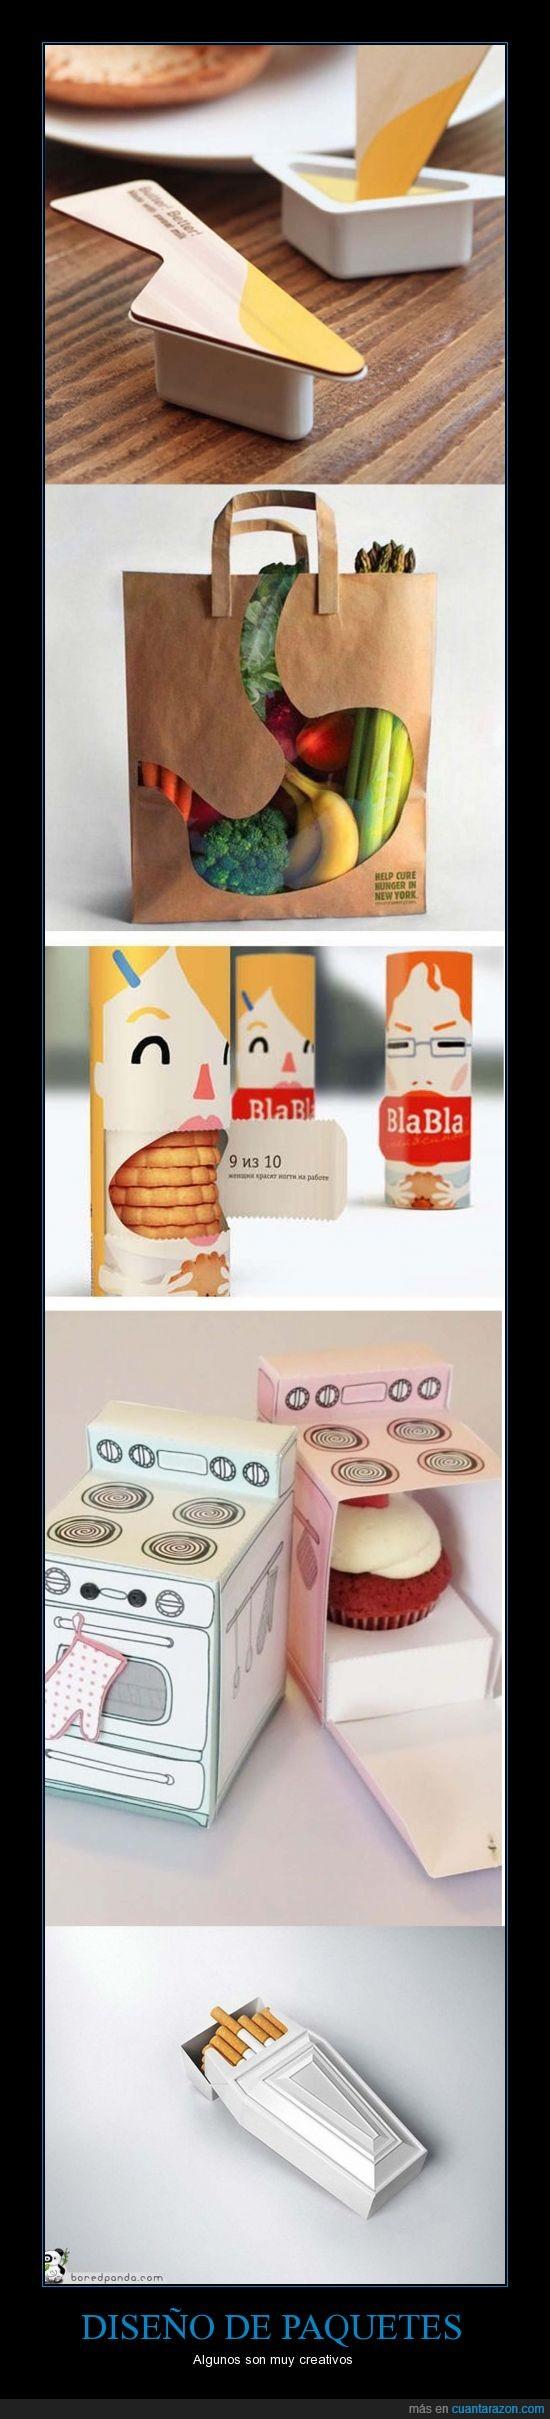 ataud,butter,caja,creativos,diseño,mantequilla,Package Design,packaging,paquetes,publicidad,tabaco